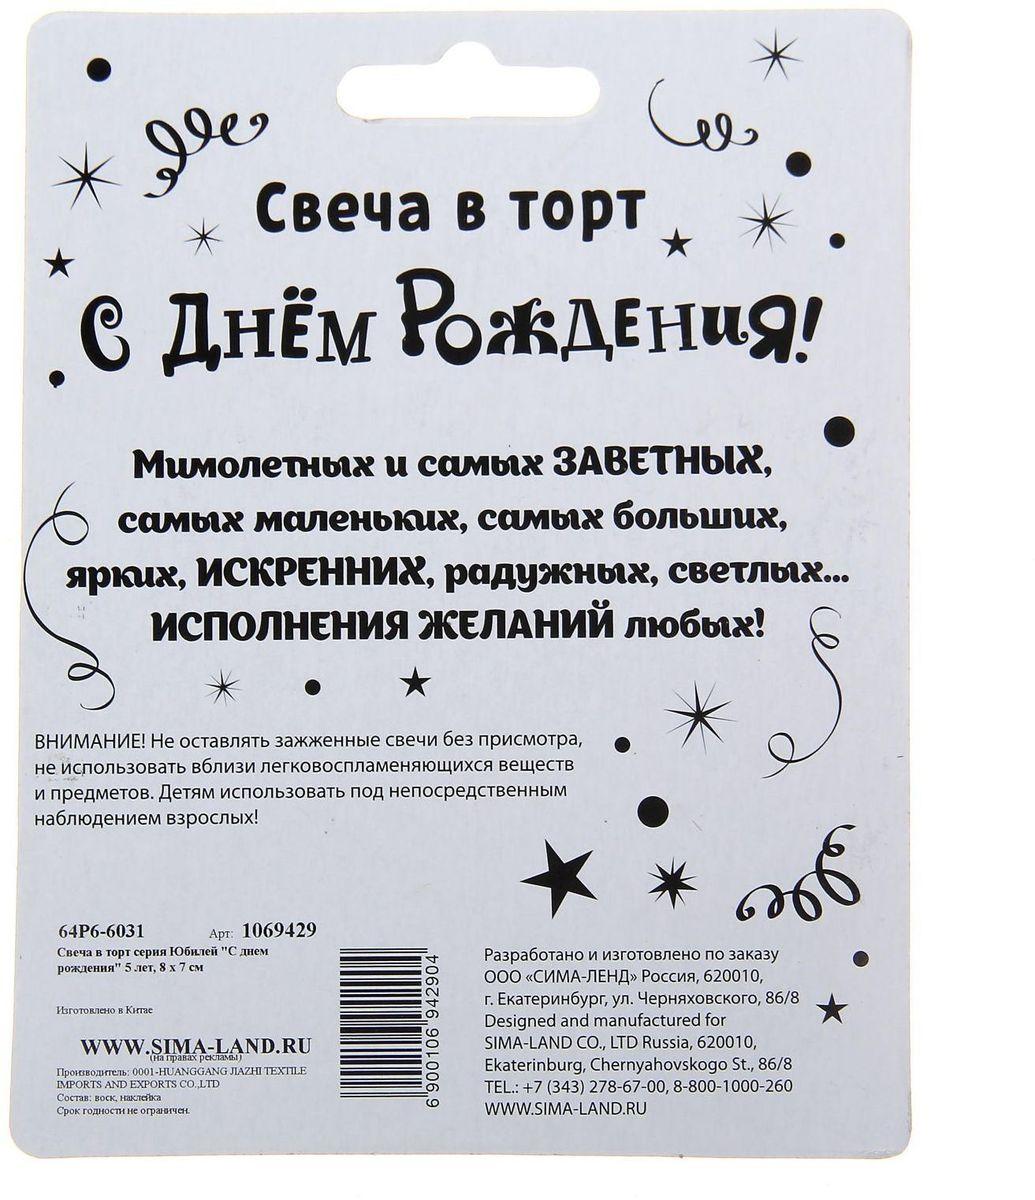 Sima-landСвеча в торт серия Юбилей С днем рождения 5 лет Sima-land